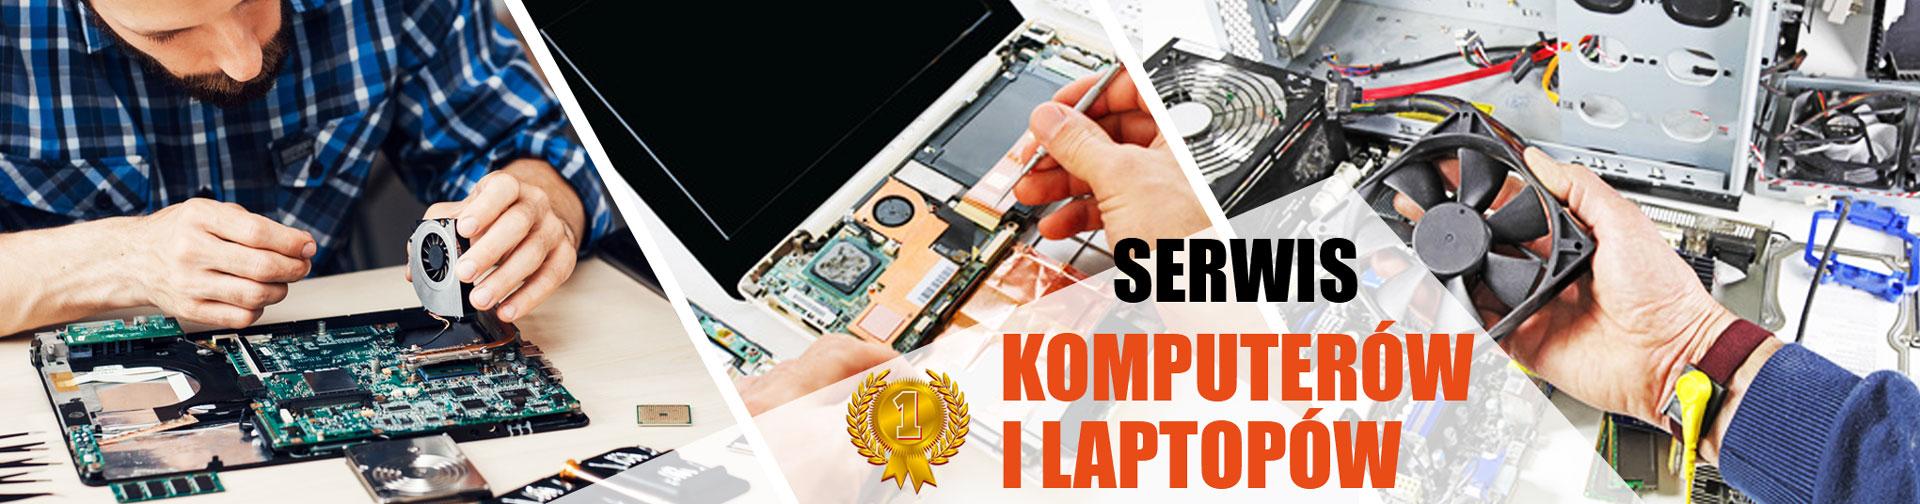 Serwis komputerów i laptopów Otwock